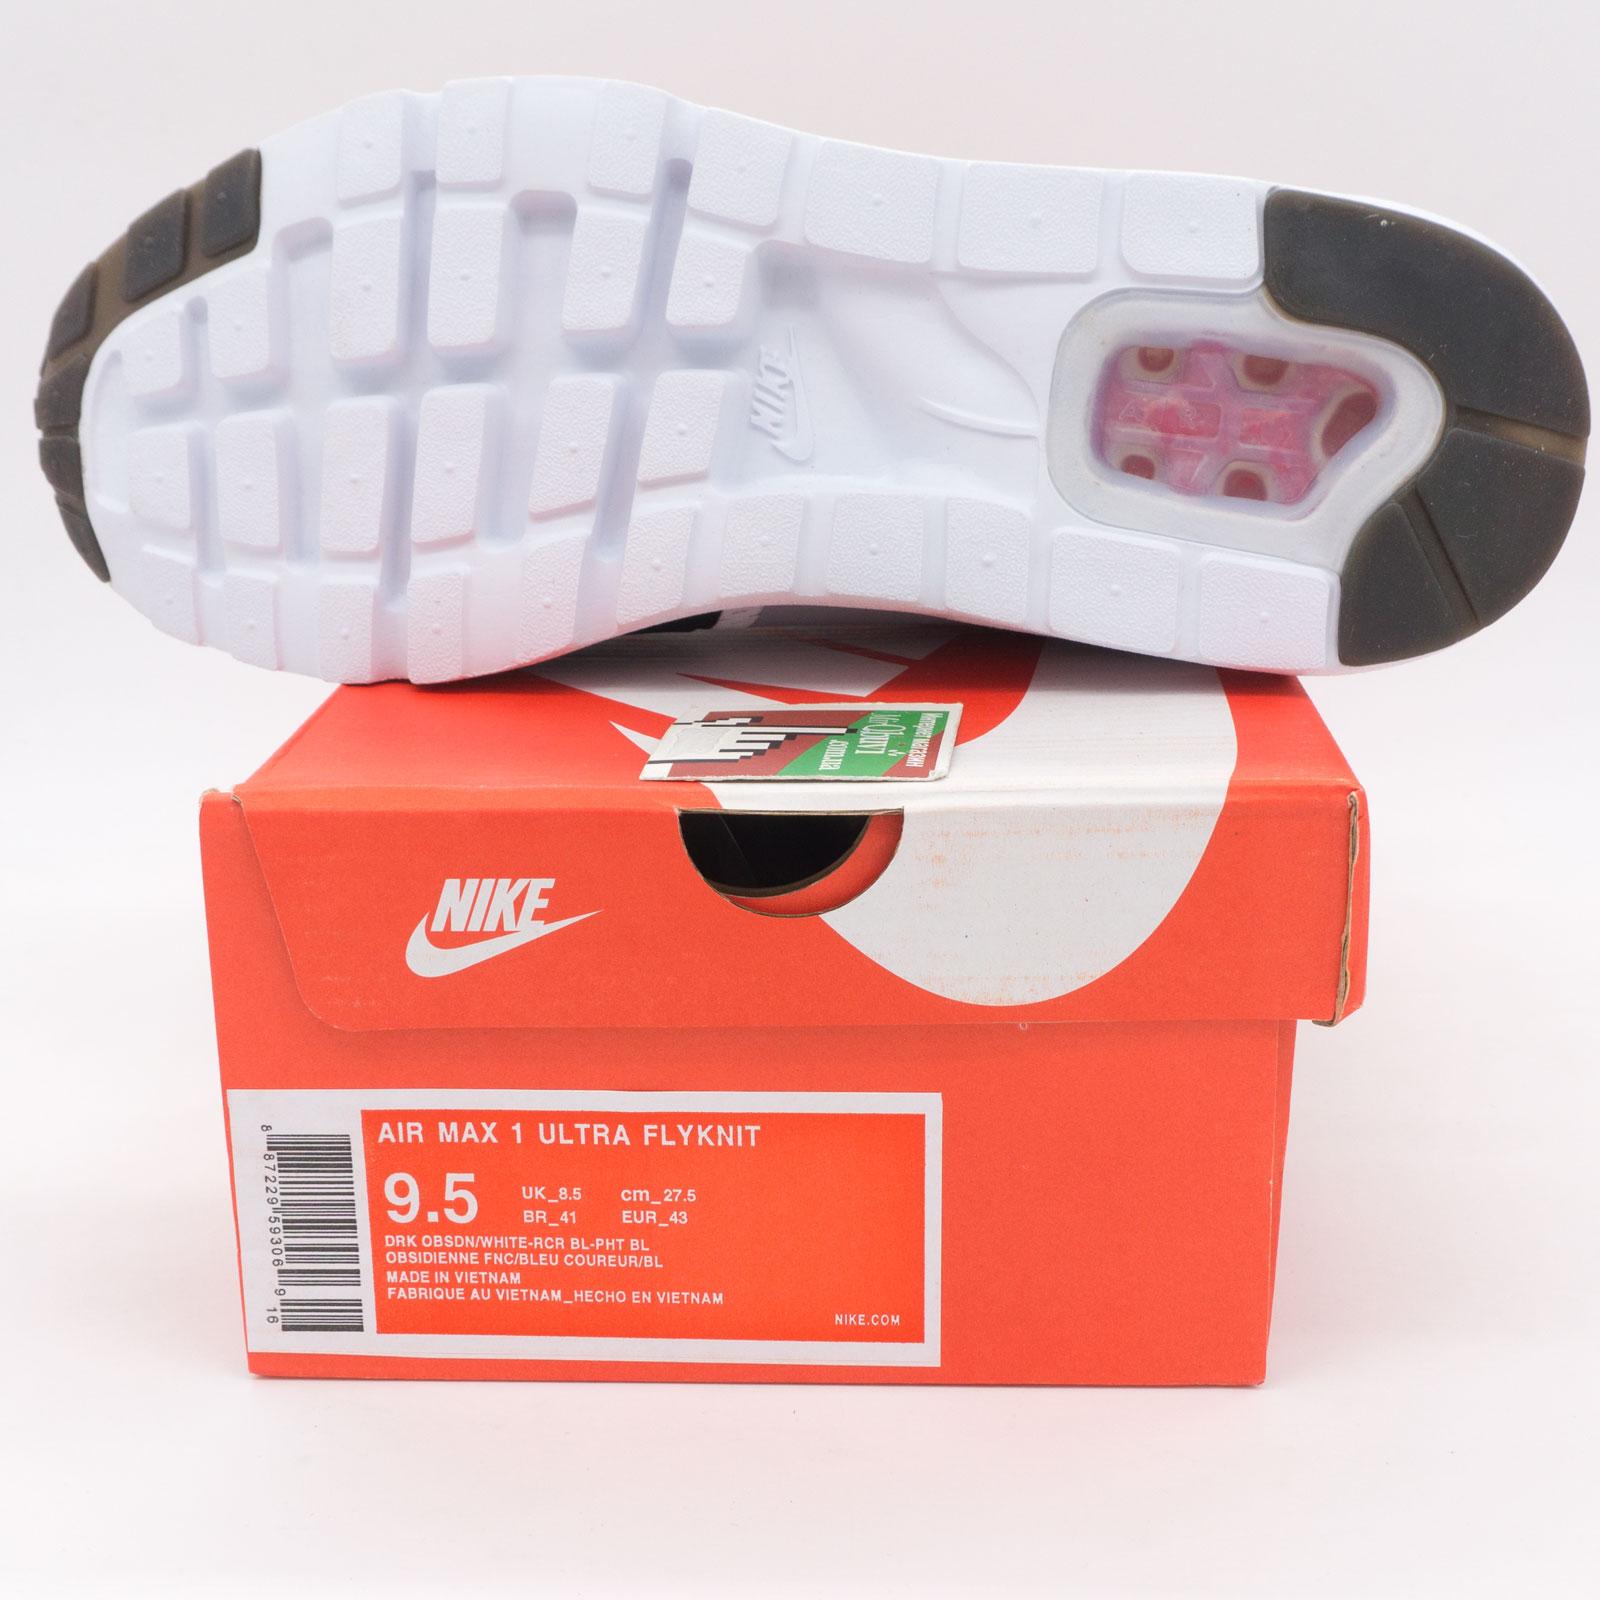 фото bottom Мужские кроссовки Nike air max Ultra Flyknit серые с красным bottom